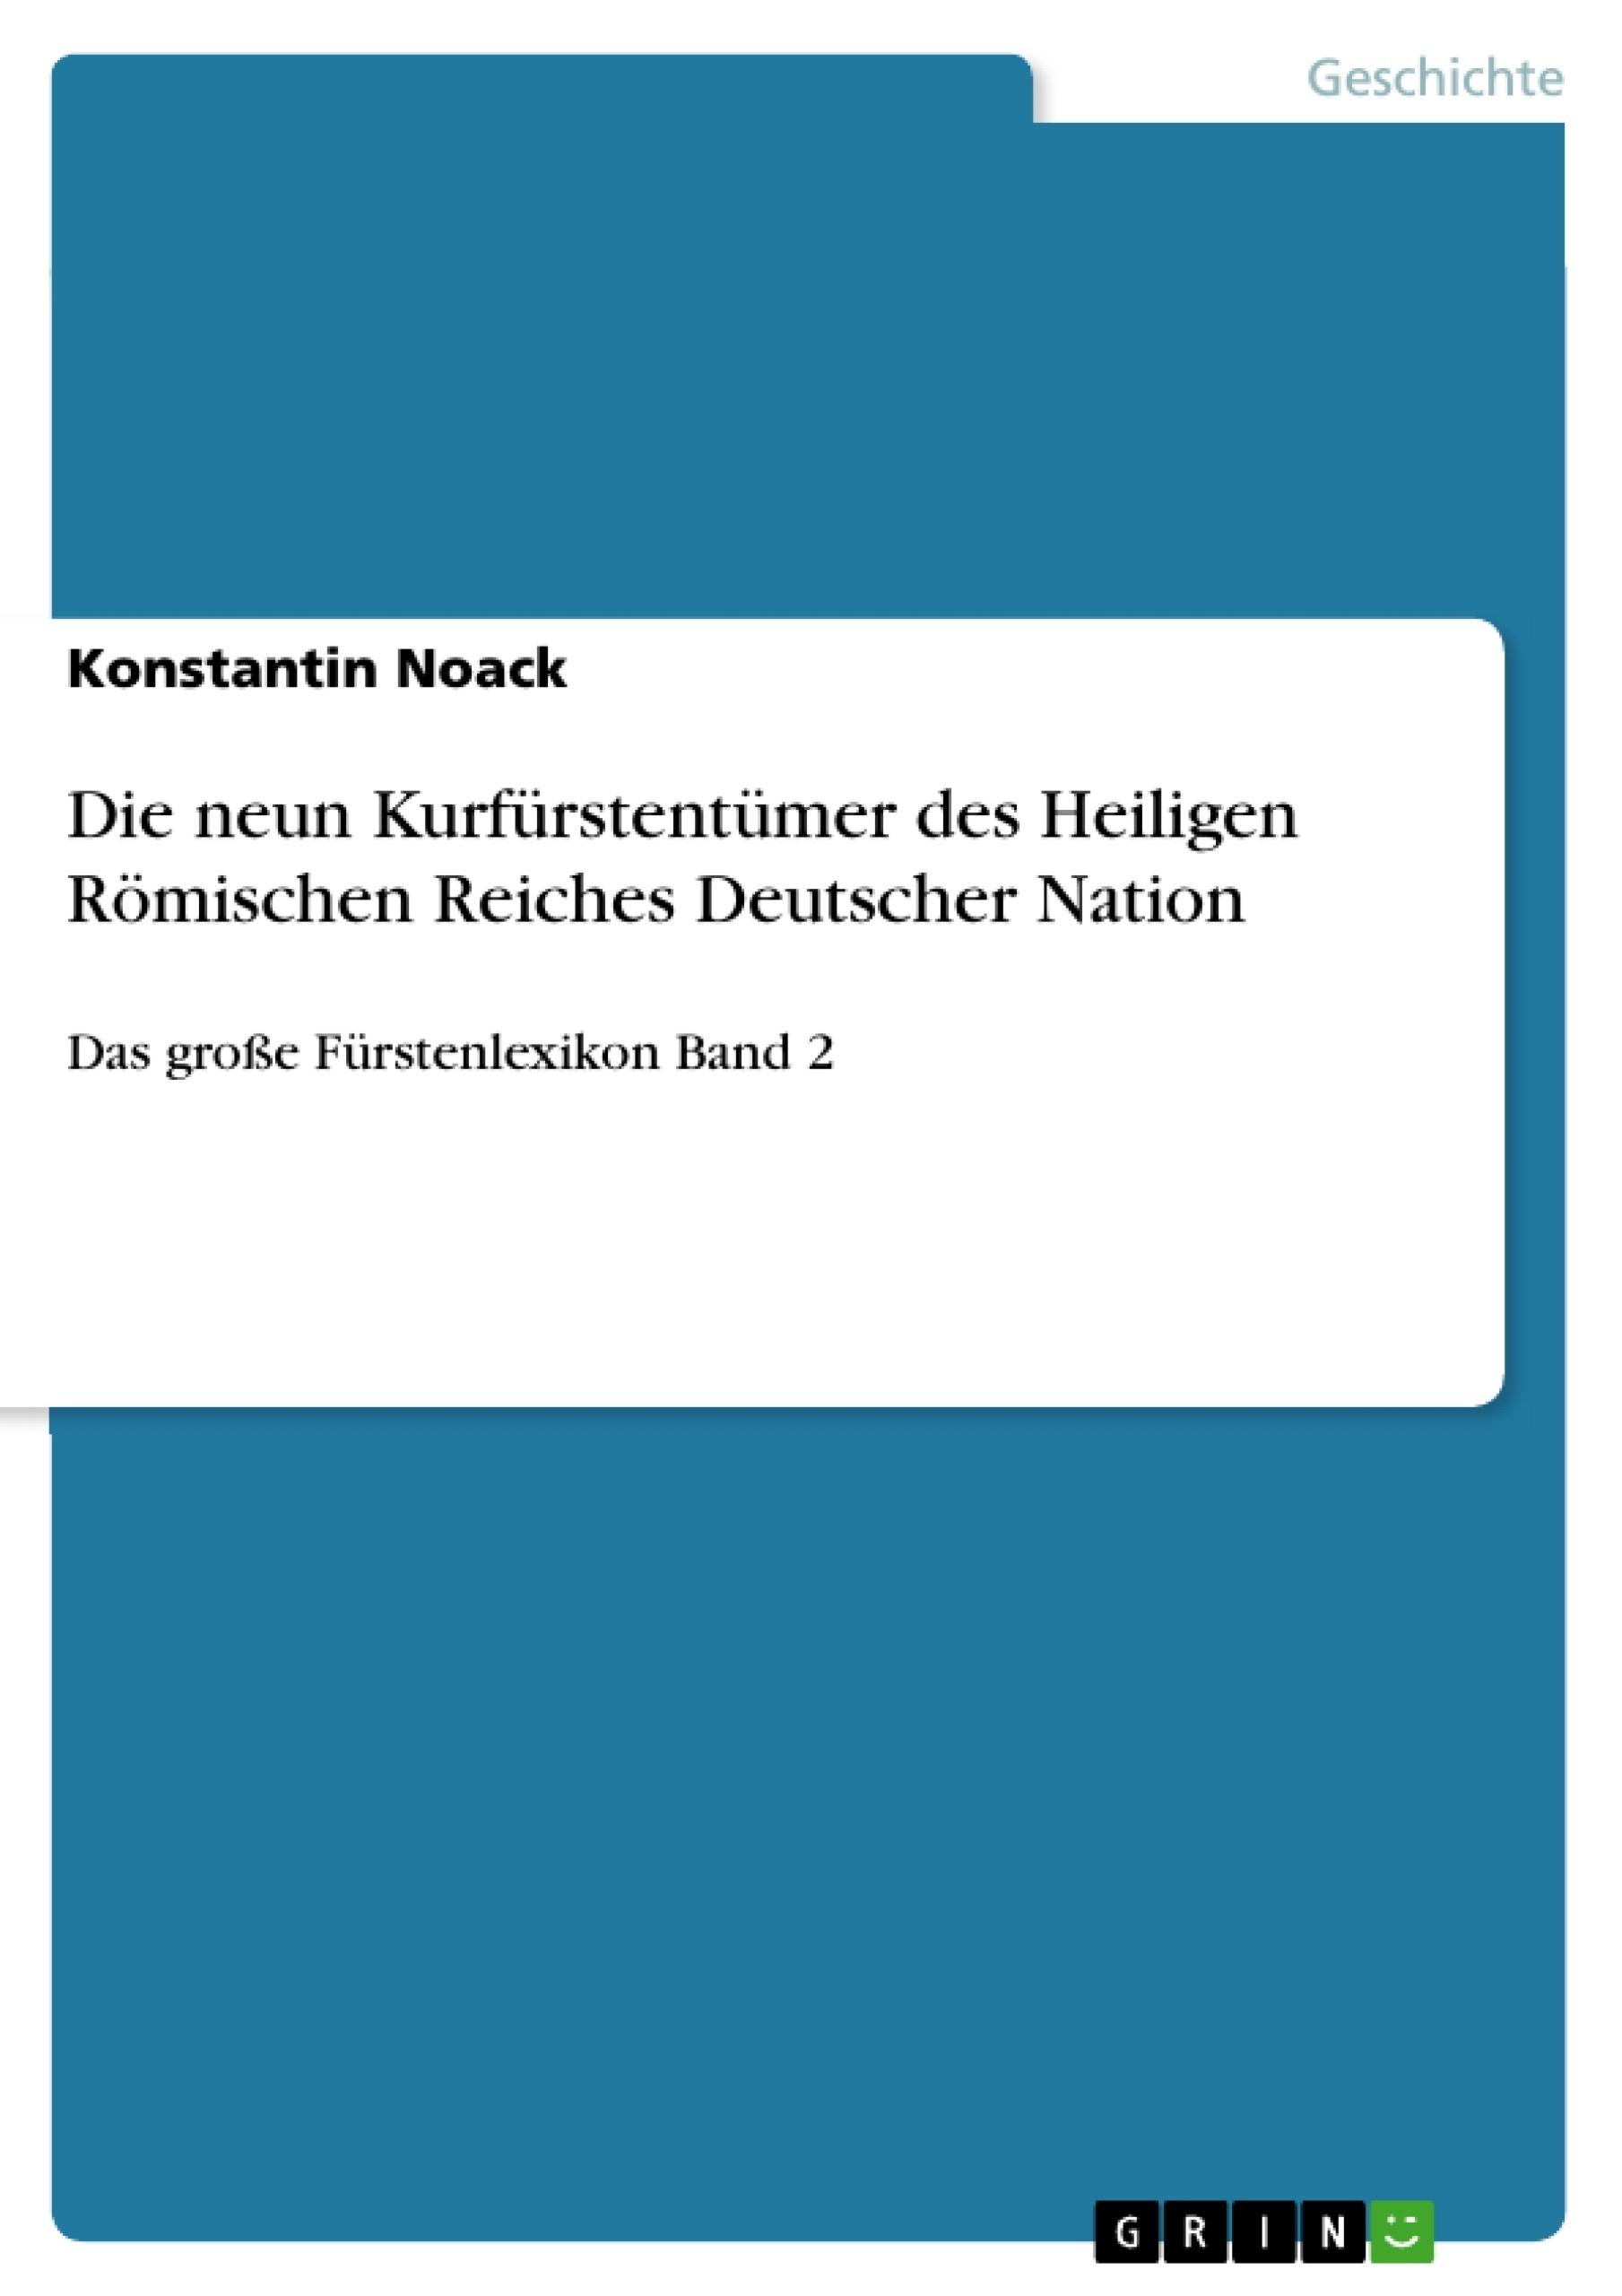 Titel: Die neun Kurfürstentümer des Heiligen Römischen Reiches Deutscher Nation